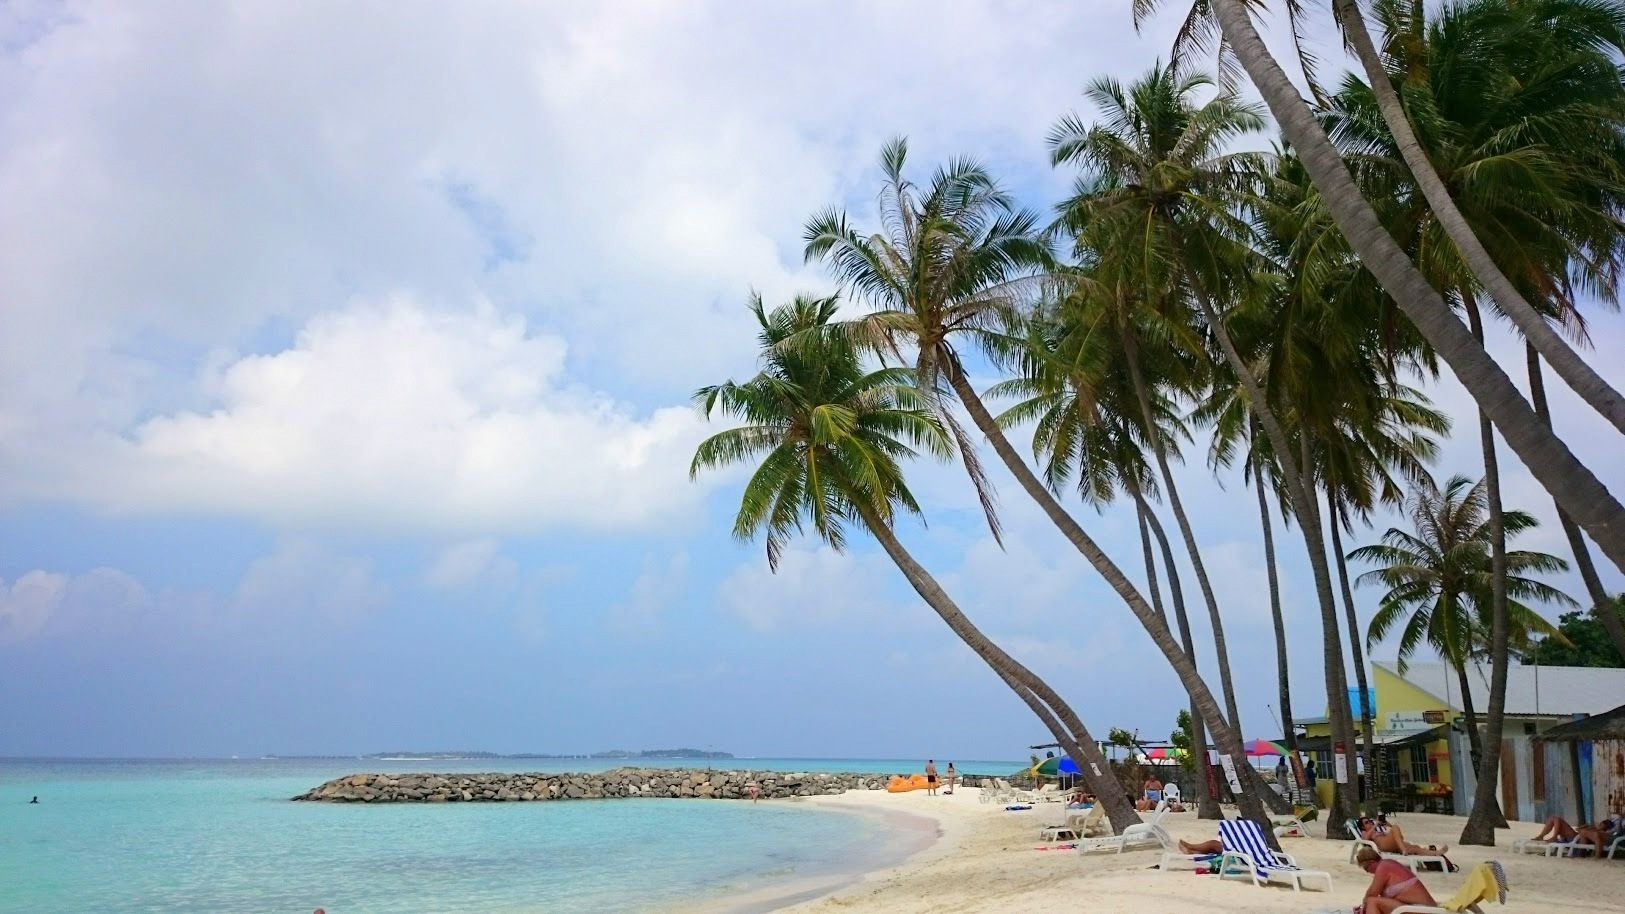 Maafushi bikini beach edullisesti malediiveille kokemuksia